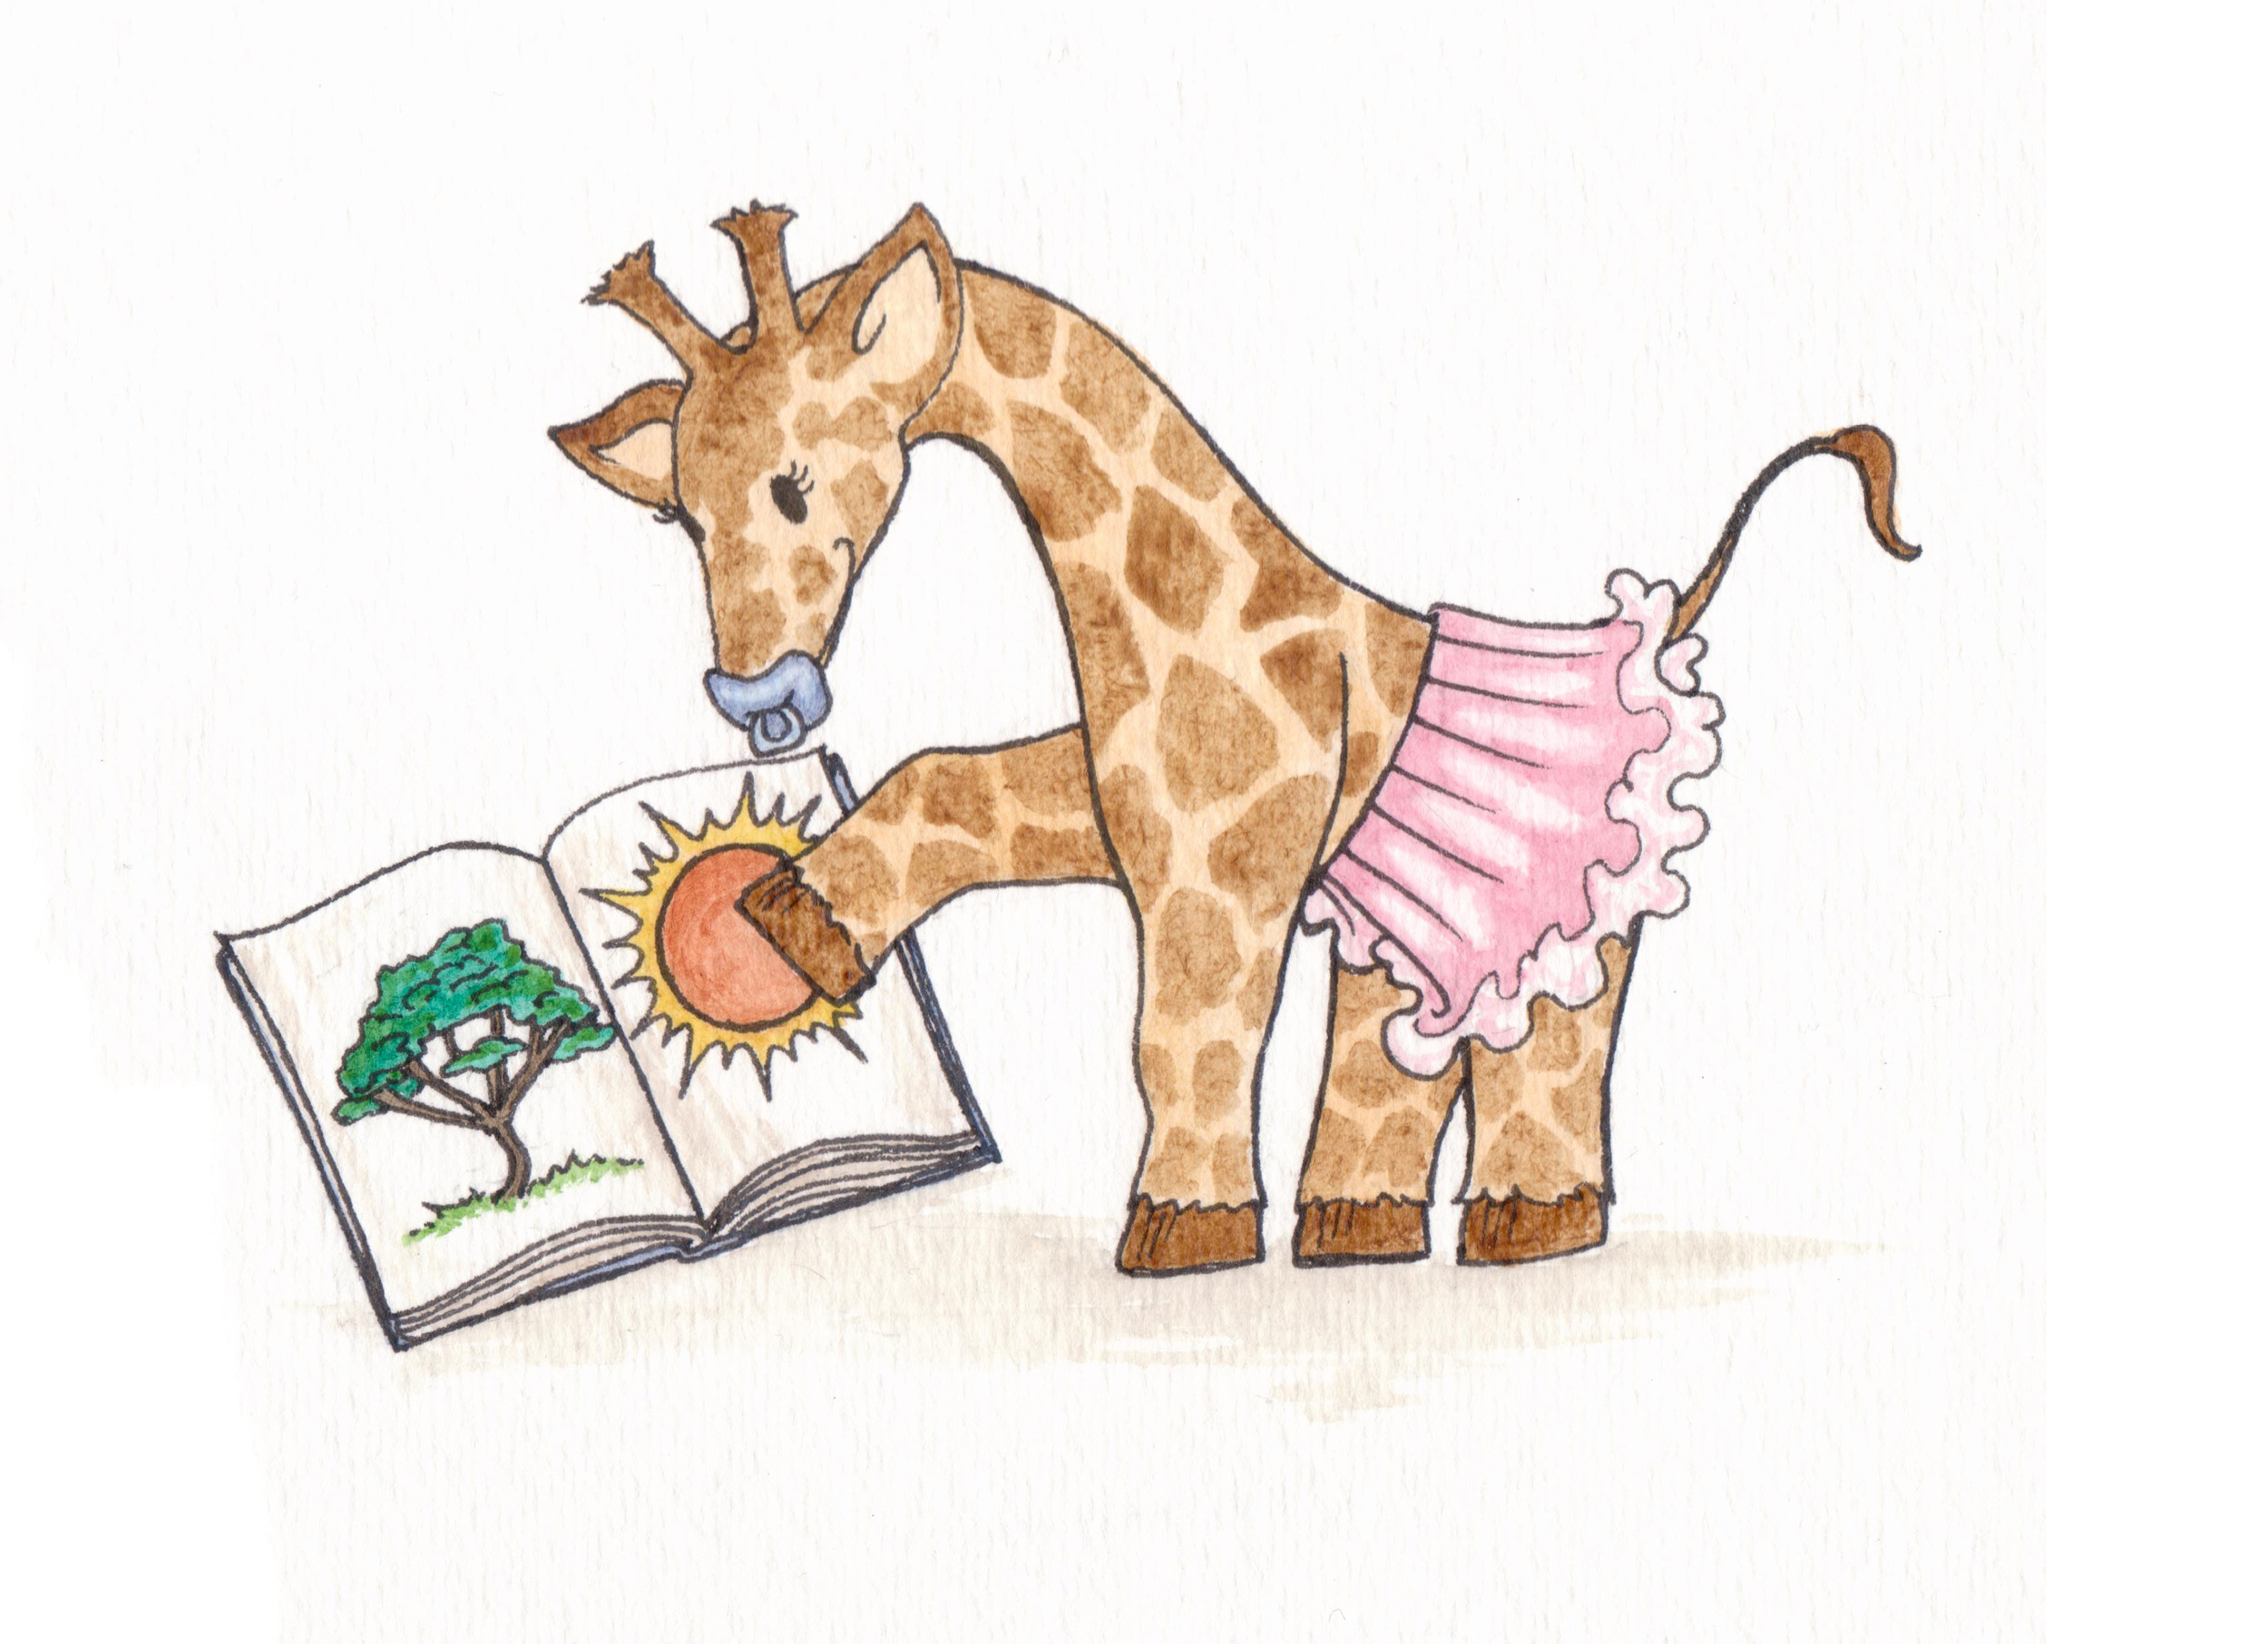 giraffe final.jpg